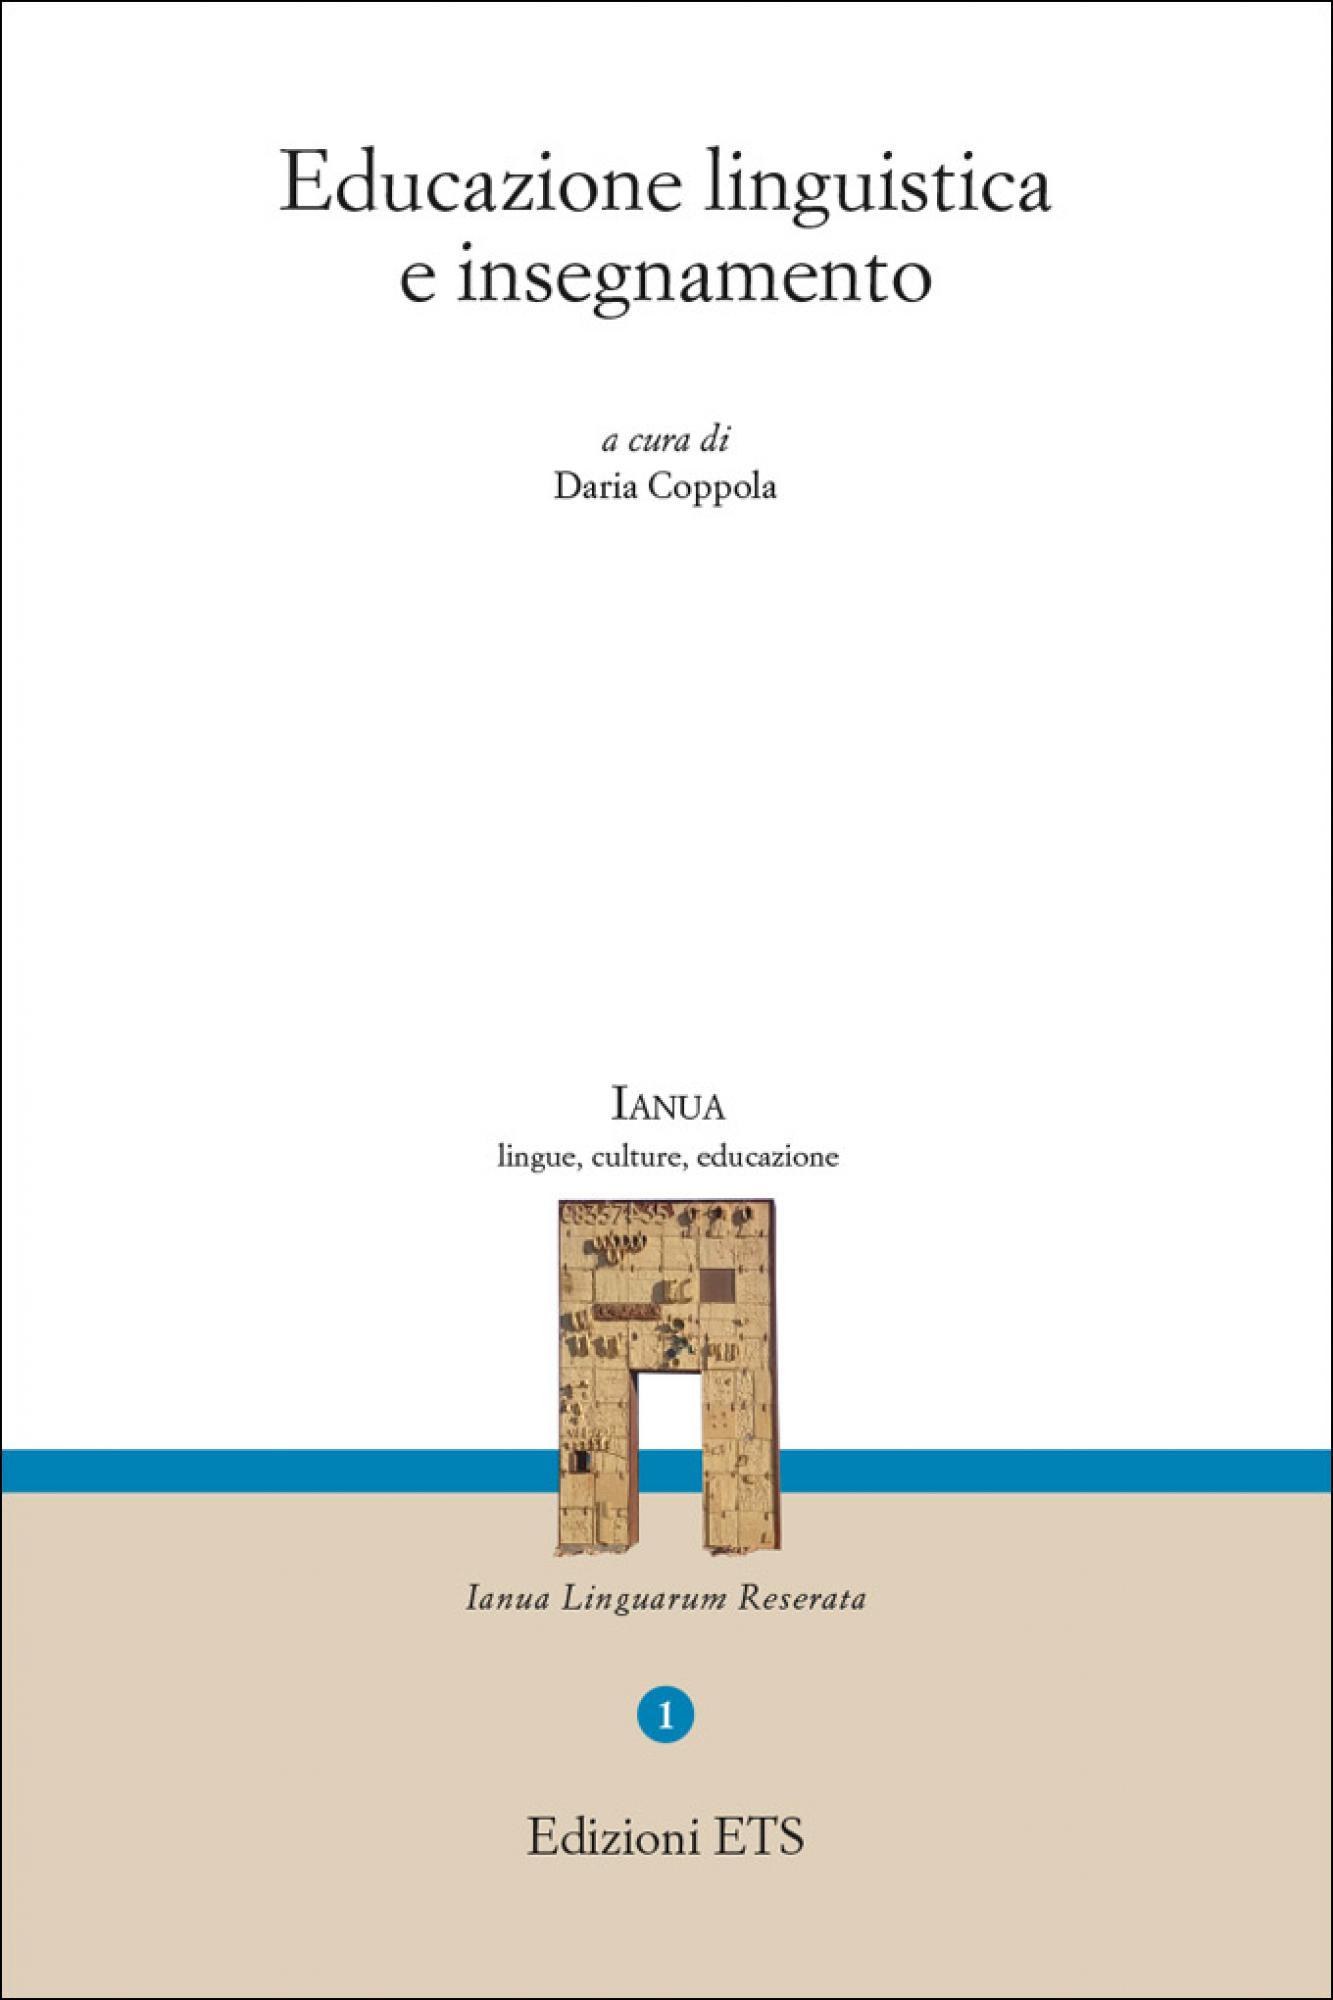 Educazione linguistica e insegnamento